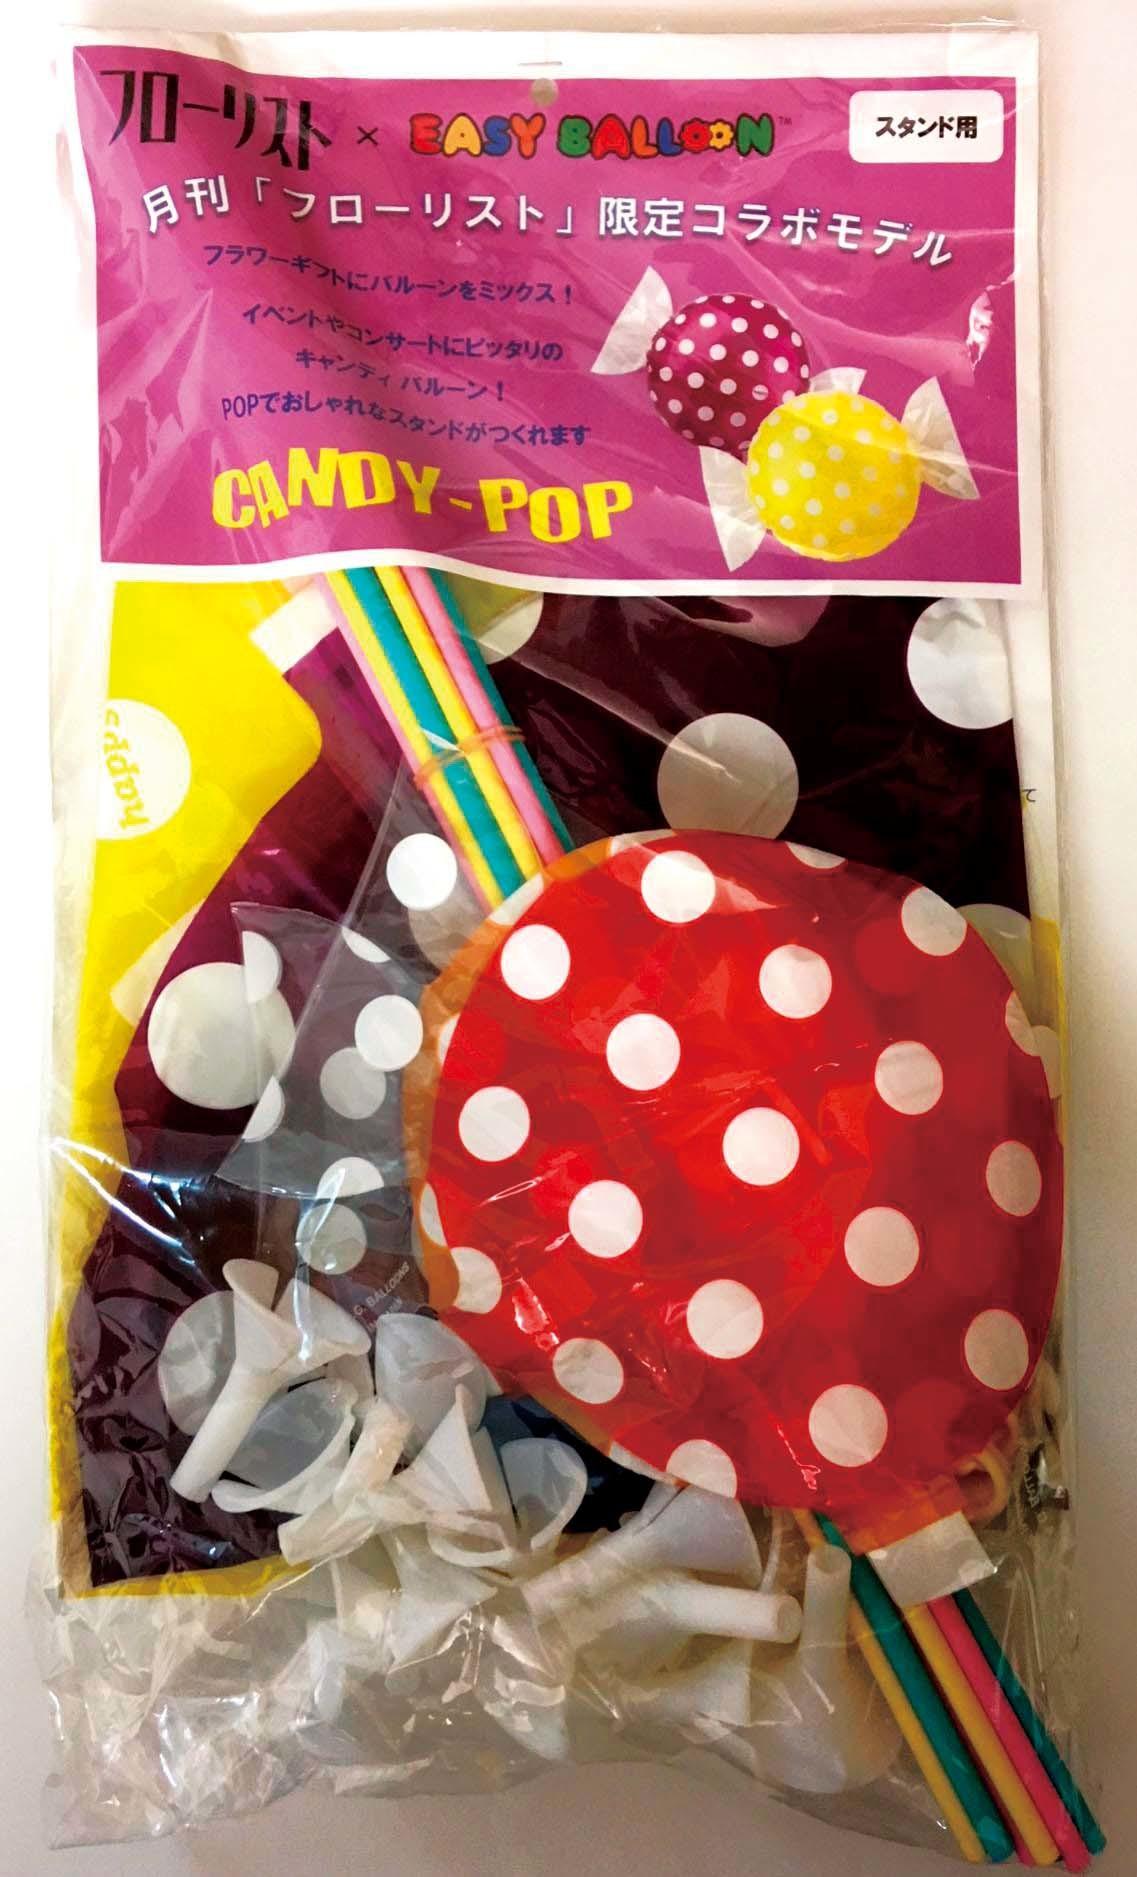 スタンド制作用バルーン「キャンディポップ」 ※ポンプなし - 画像2